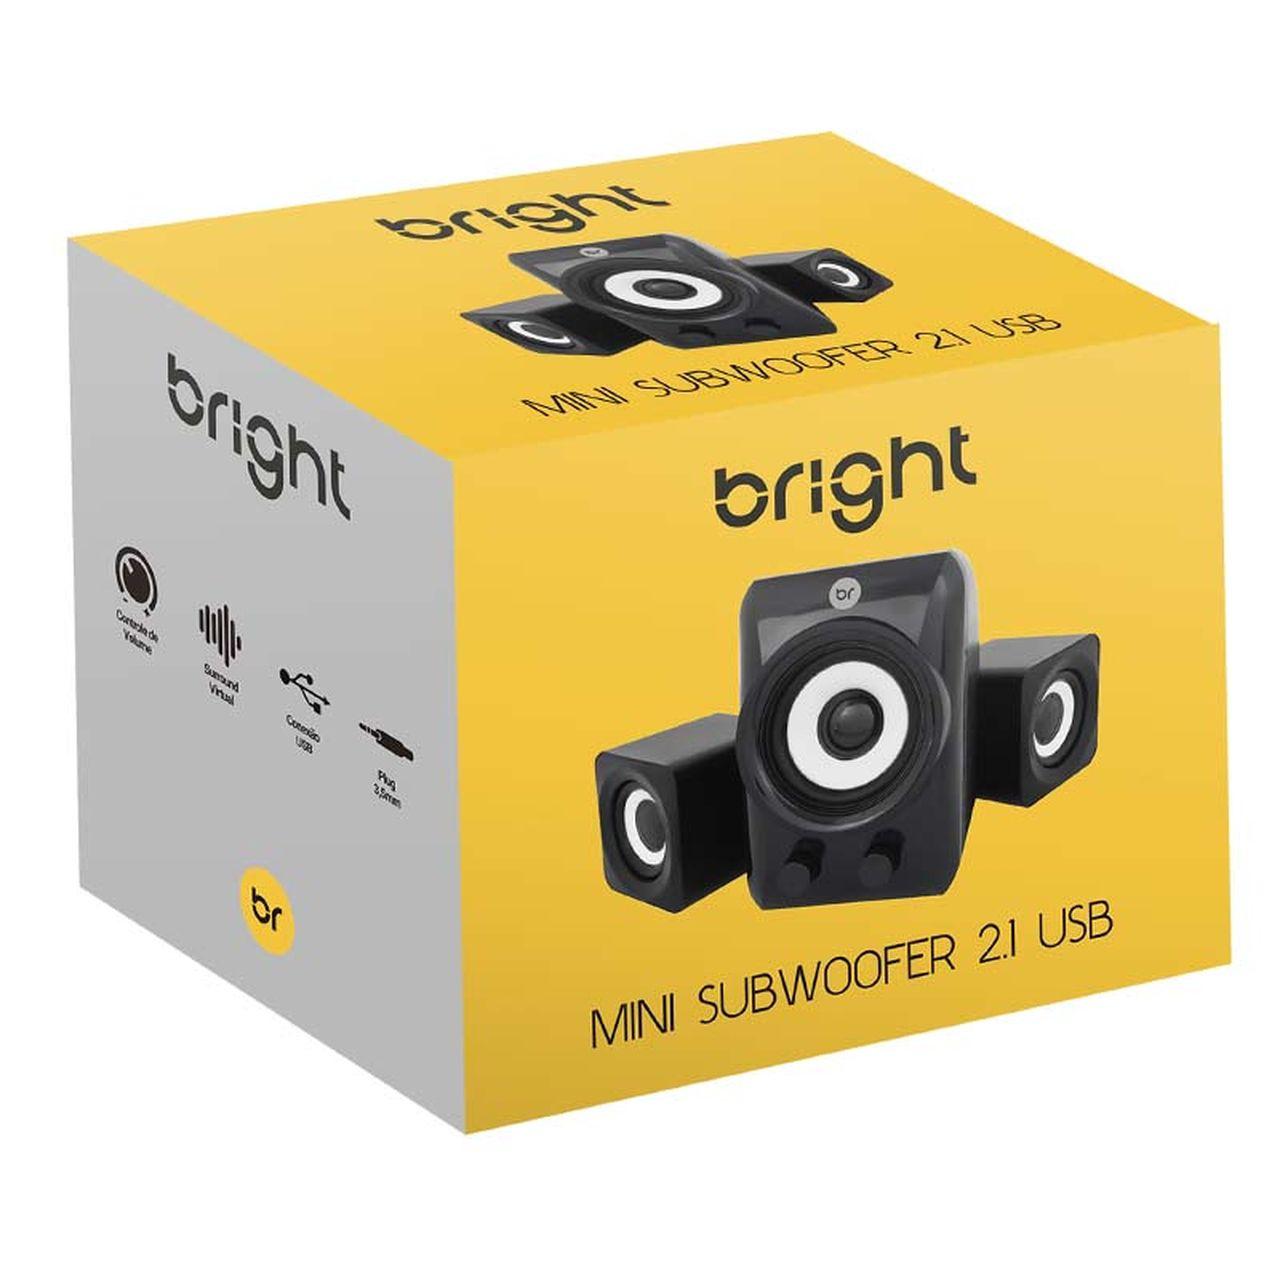 Caixa de Som 2.1 5W com USB e Mini Subwoofer 506 - Bright